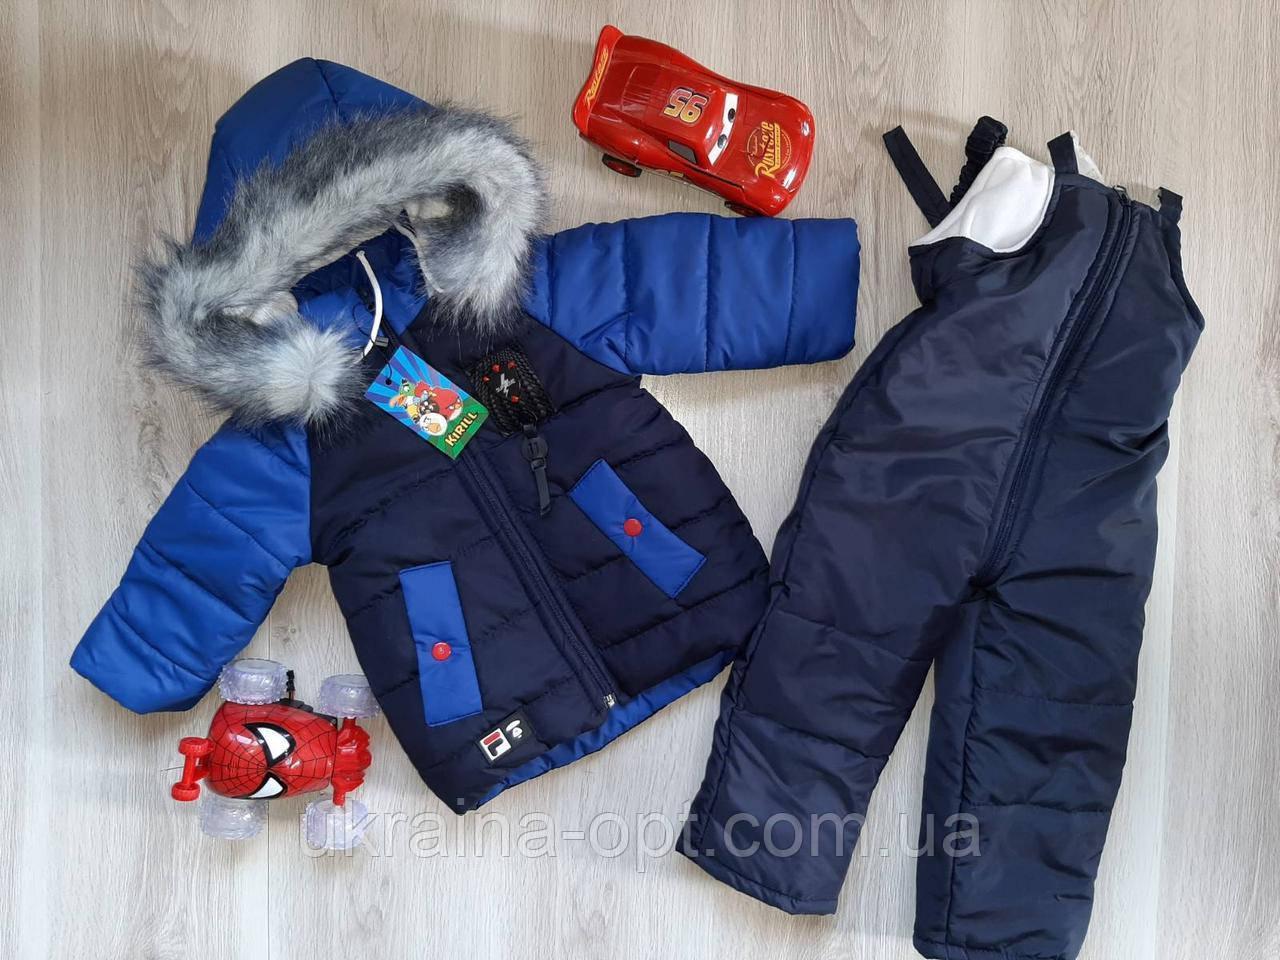 Зимний детский раздельный комбинезон Р:86-92-98-104